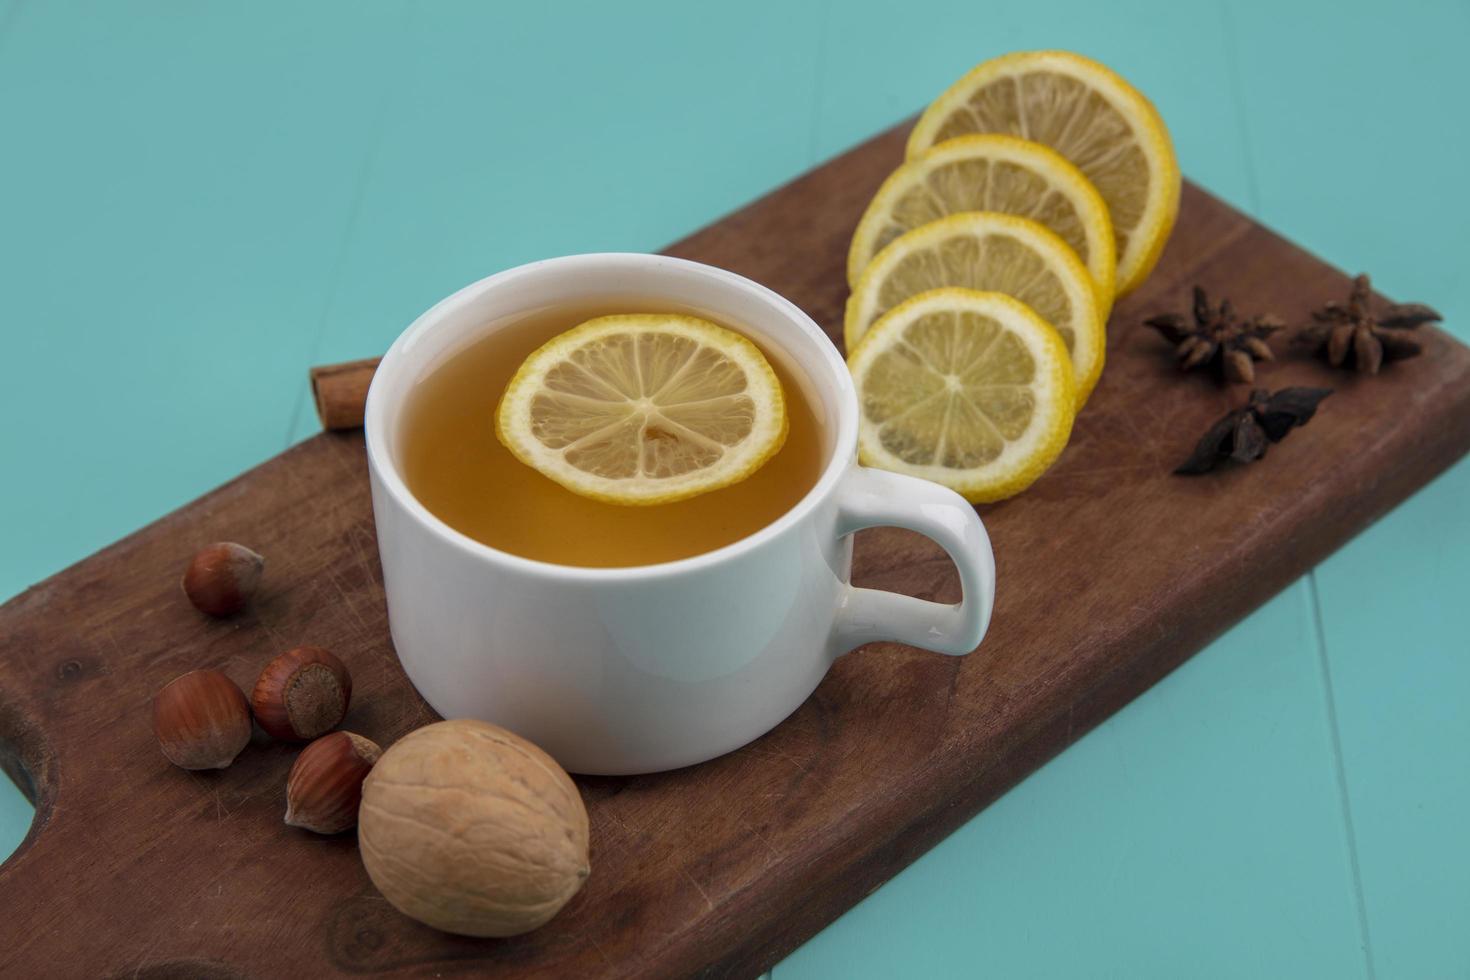 Tasse de thé avec des tranches de citron et des noix sur fond bleu photo